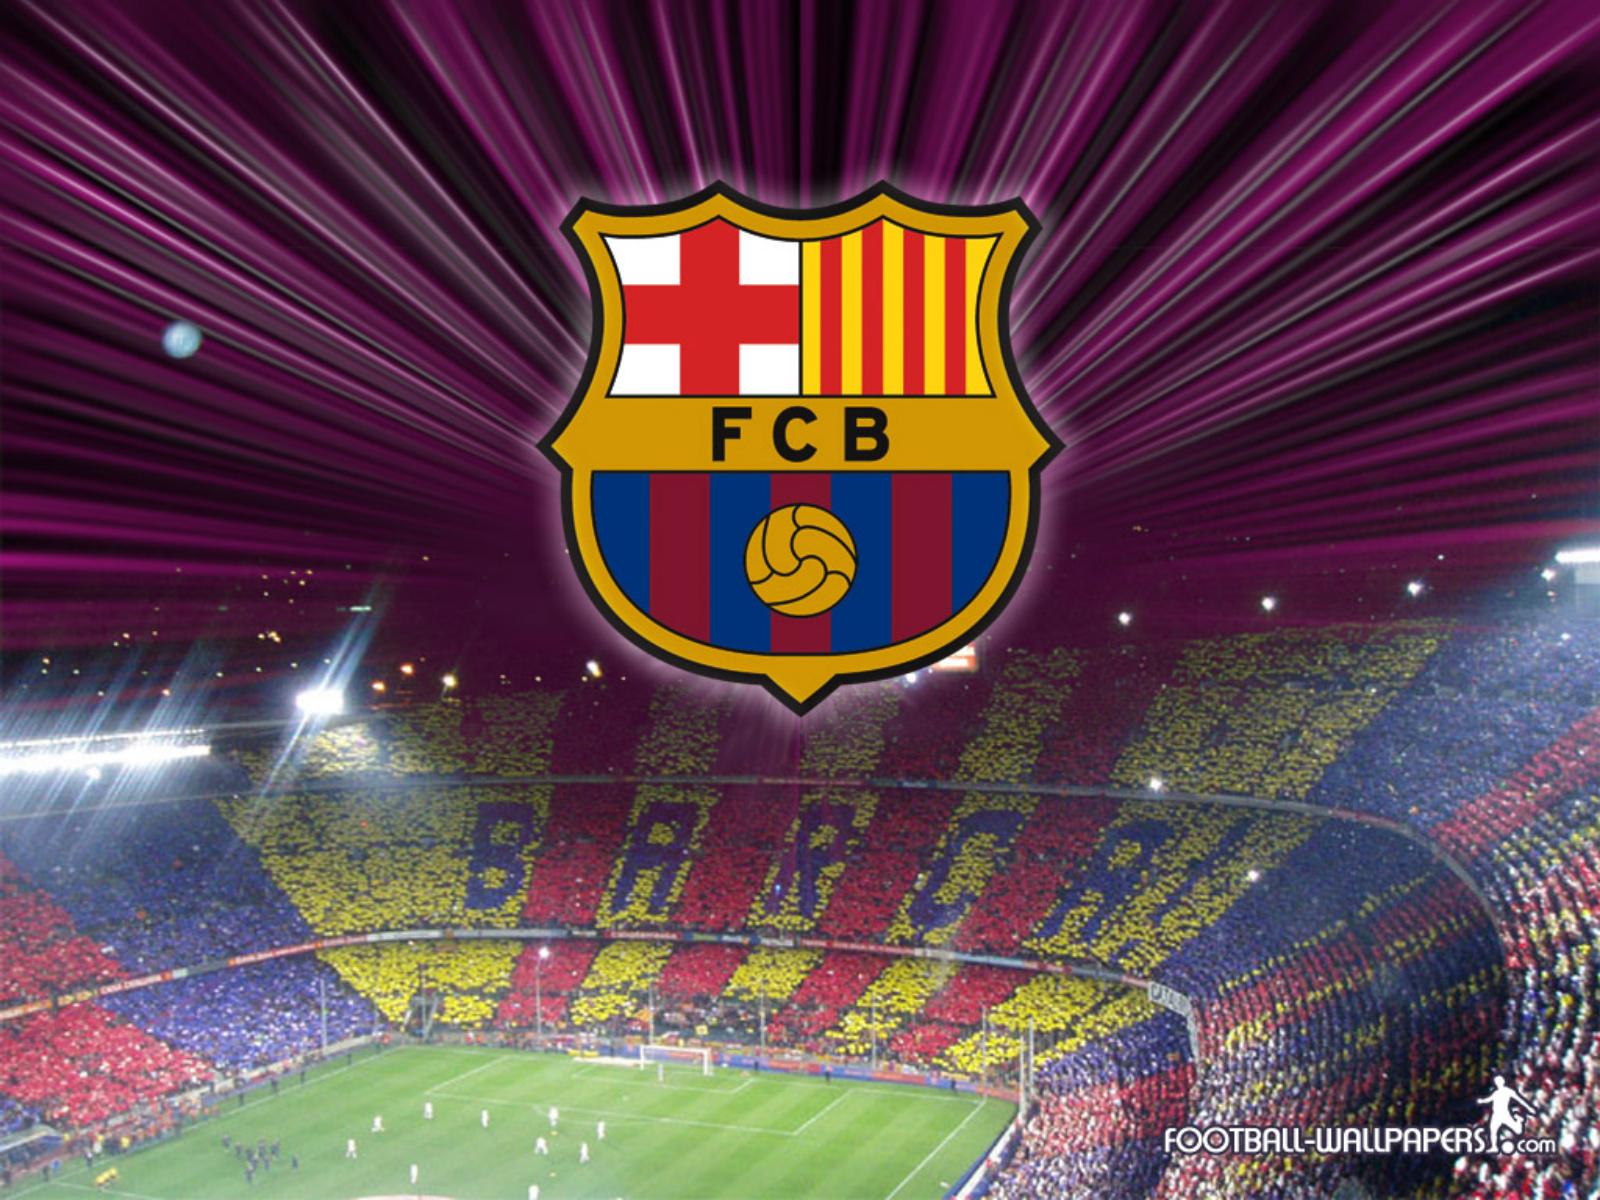 https://2.bp.blogspot.com/-kl54O5STtVU/Tlb0vBA_gwI/AAAAAAAAAo8/lv2D5J7DbRg/s1600/vvallpaper.net_barcelona_nou_camp_stadium_1600x1200_high_definition_high_resolution_.jpg